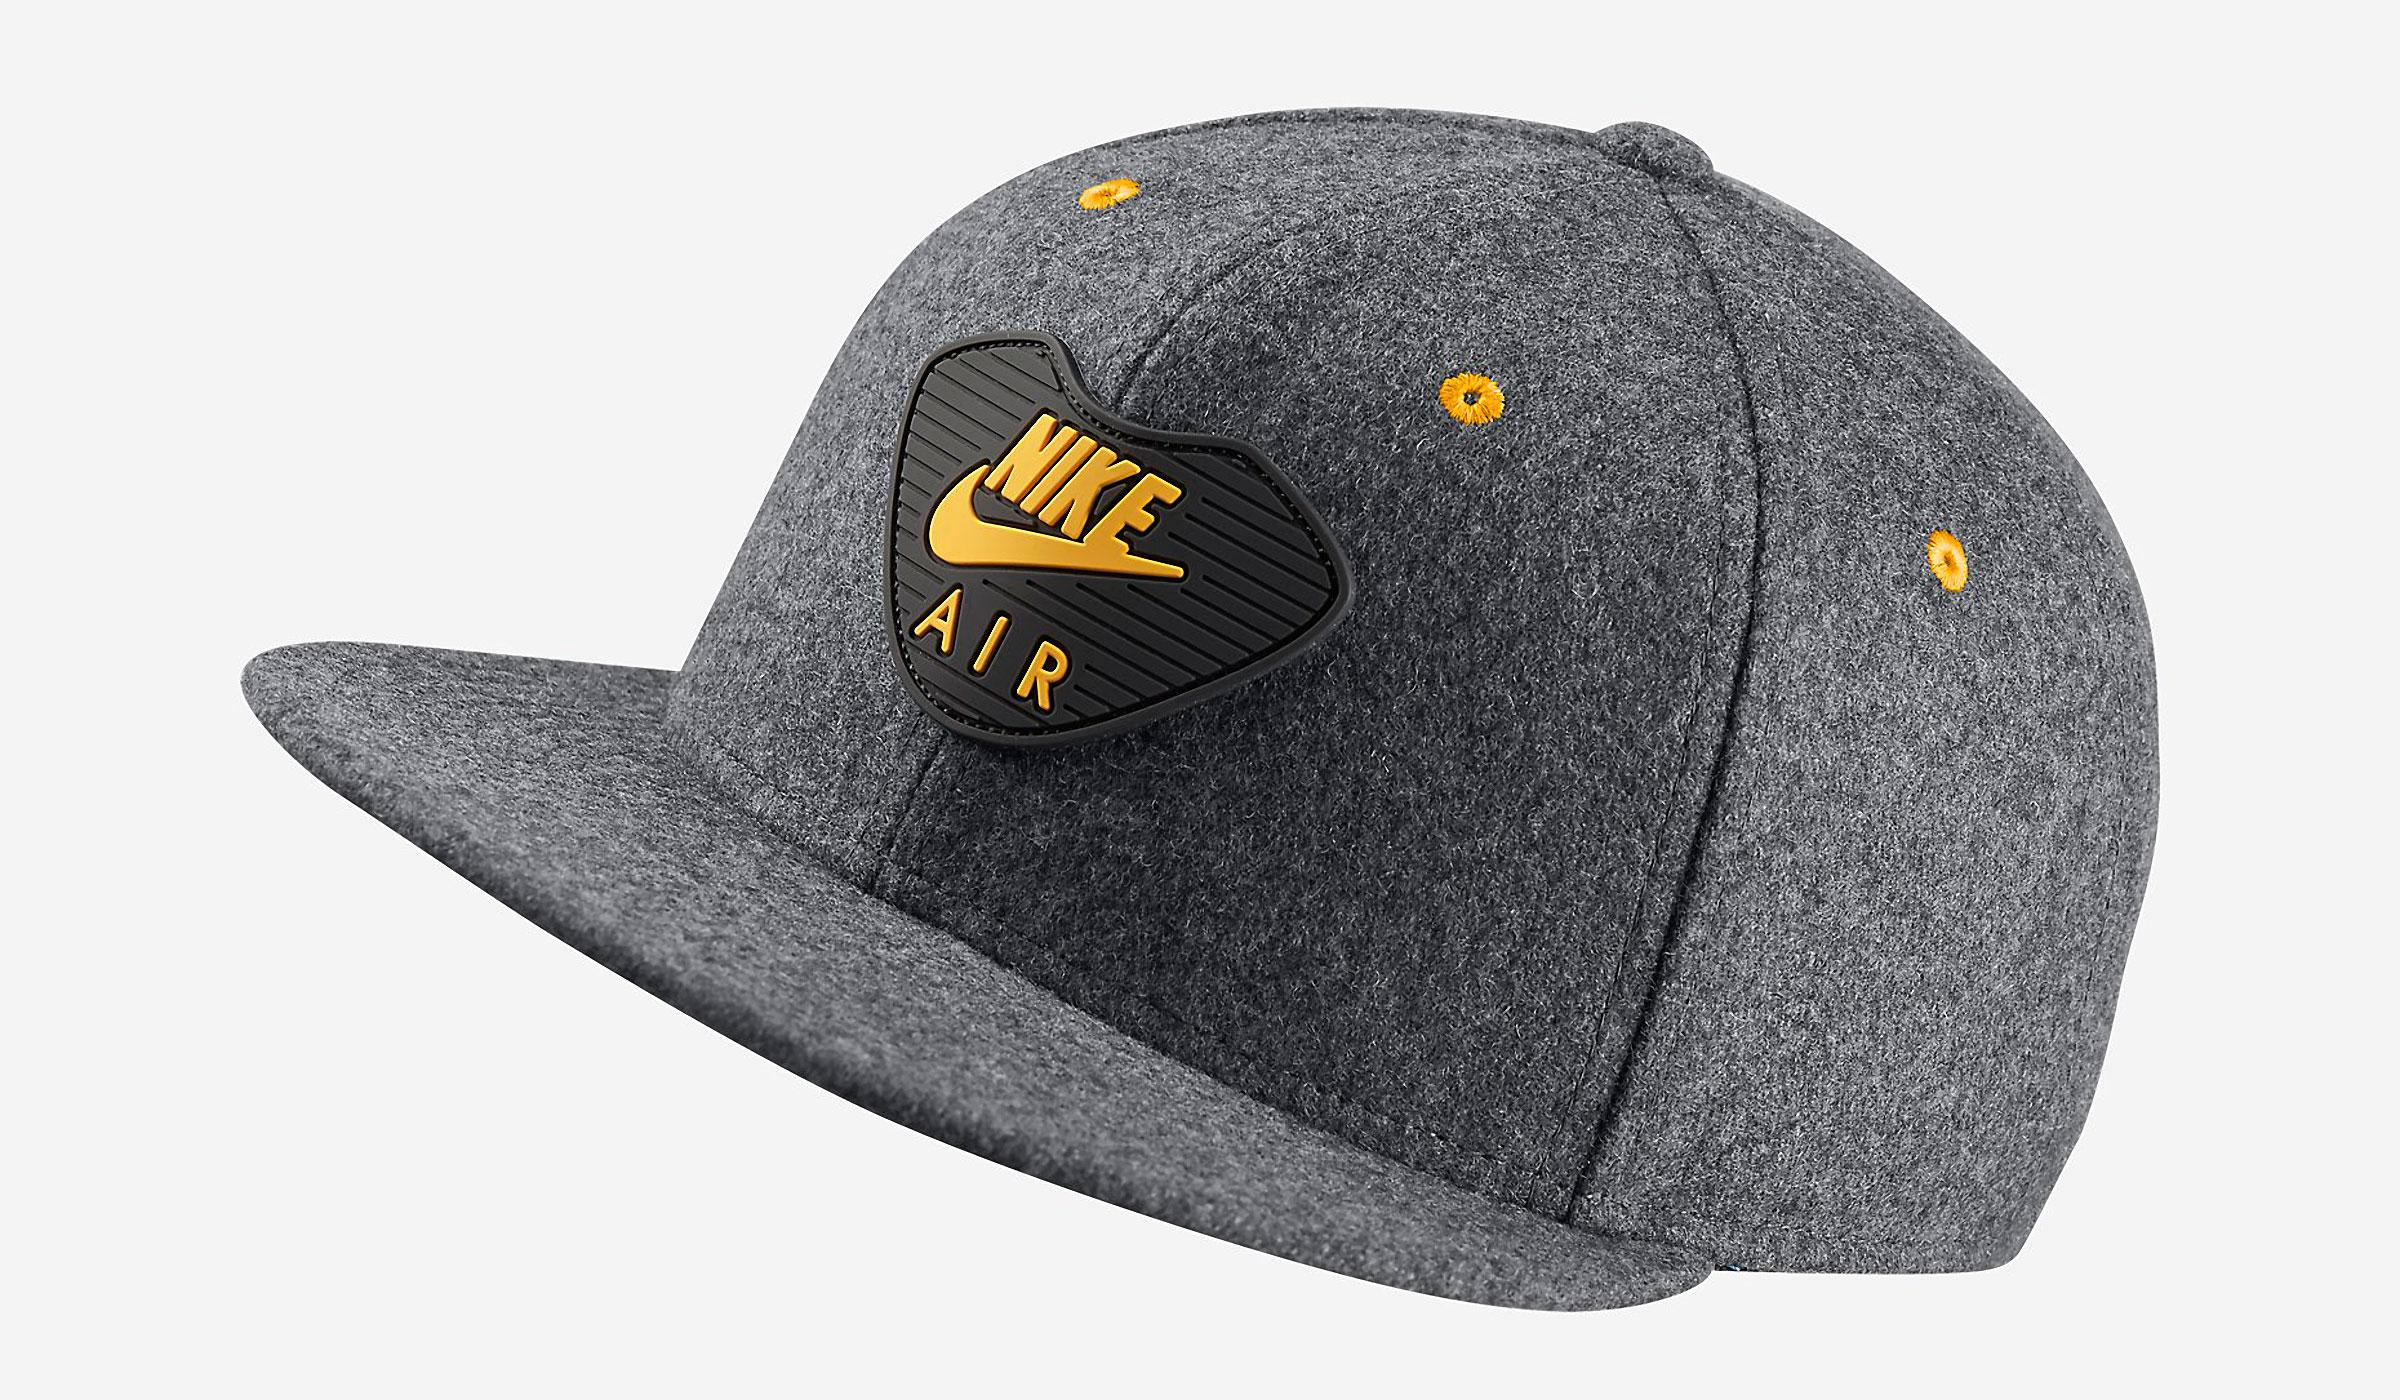 NIKE AIR MAX 90 WINTER STRAPBACK CAP